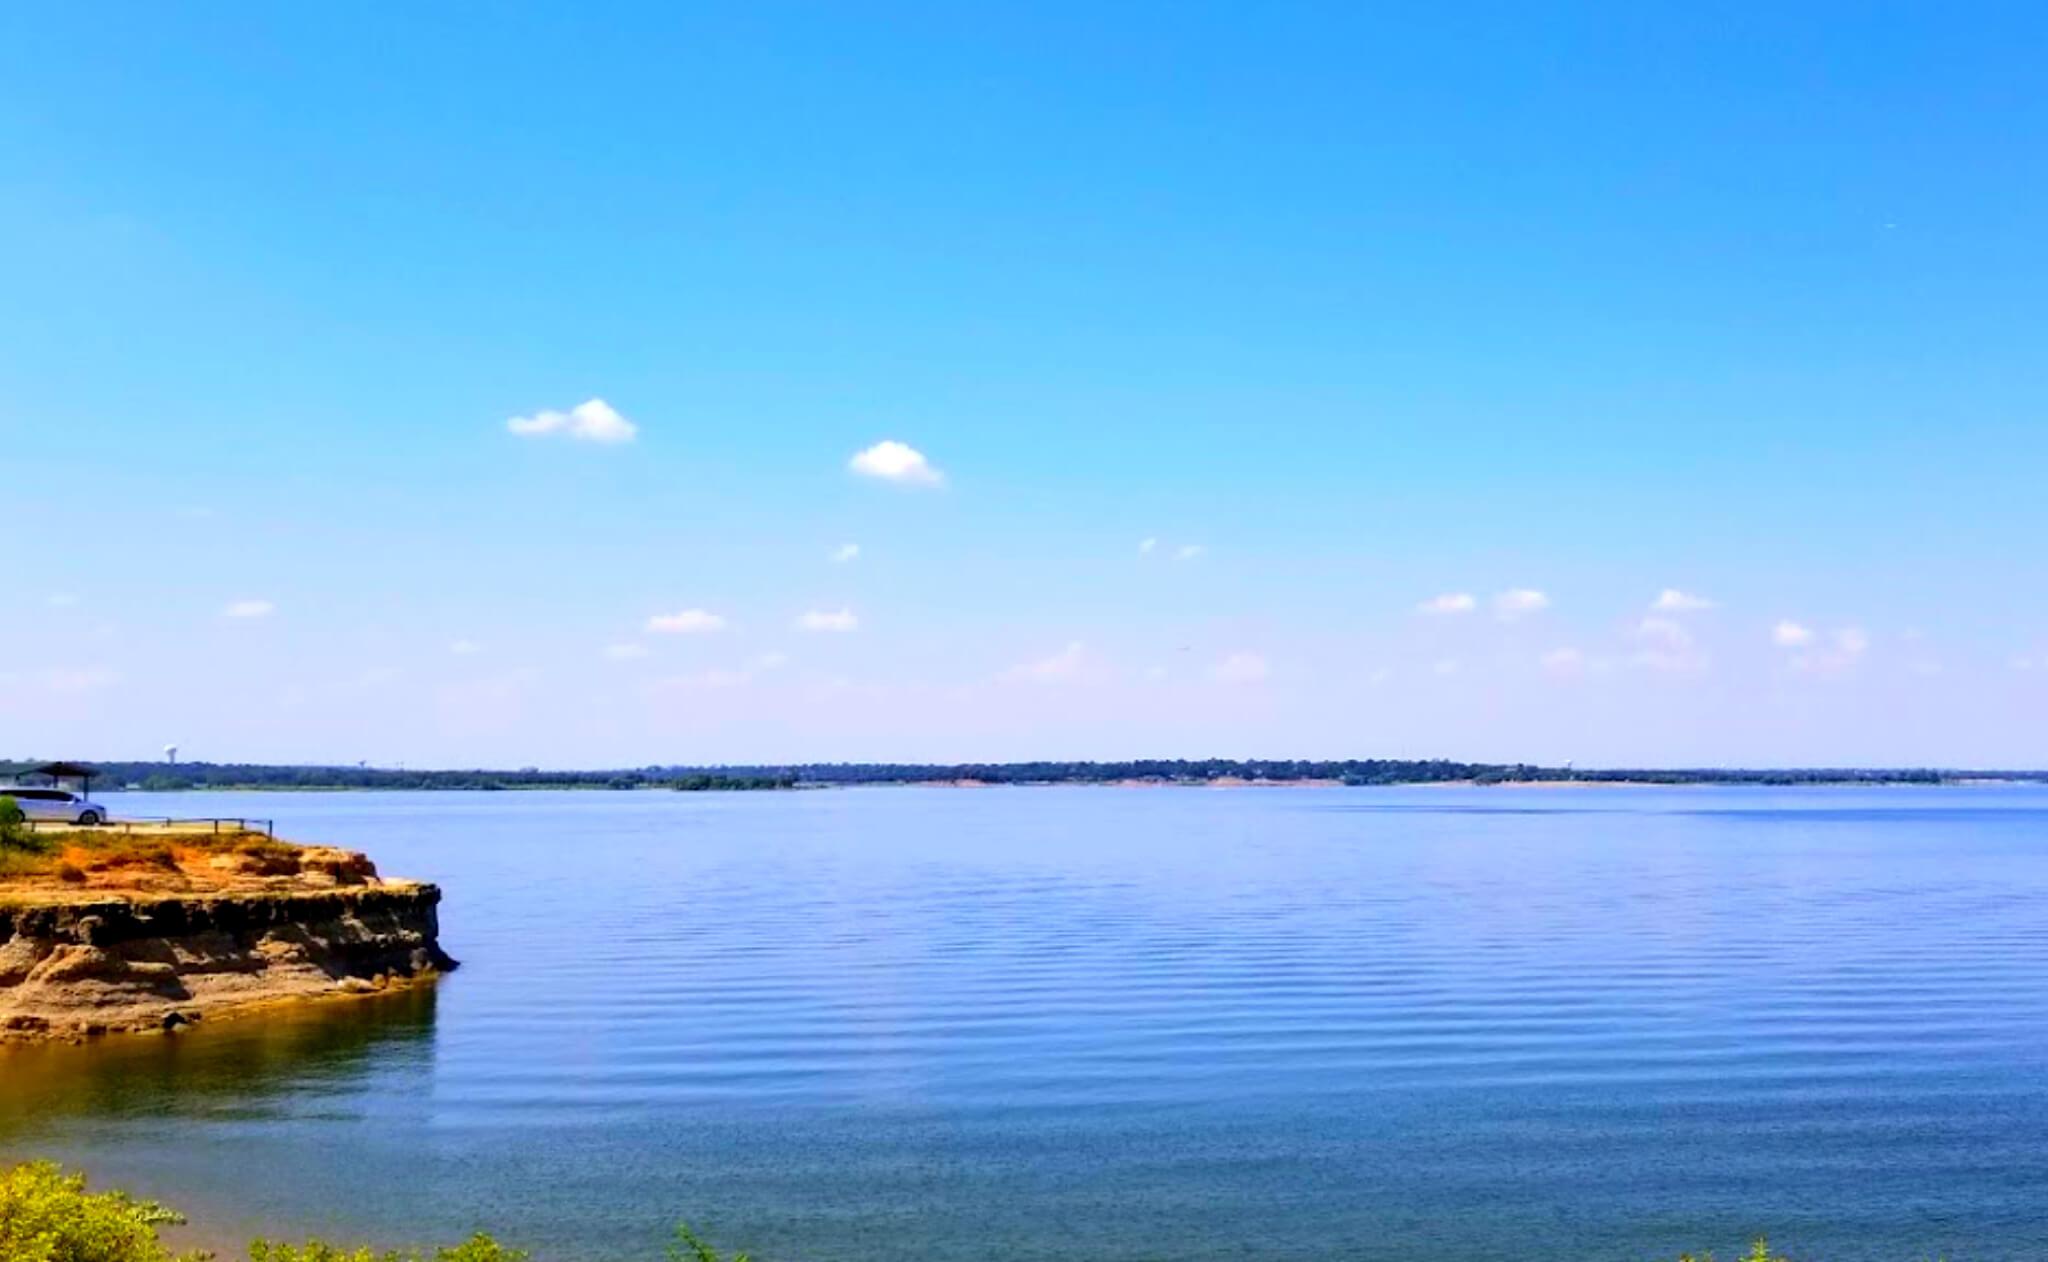 Grapevine-Lake-Fishing-Report-Guide-Texas-TX-05